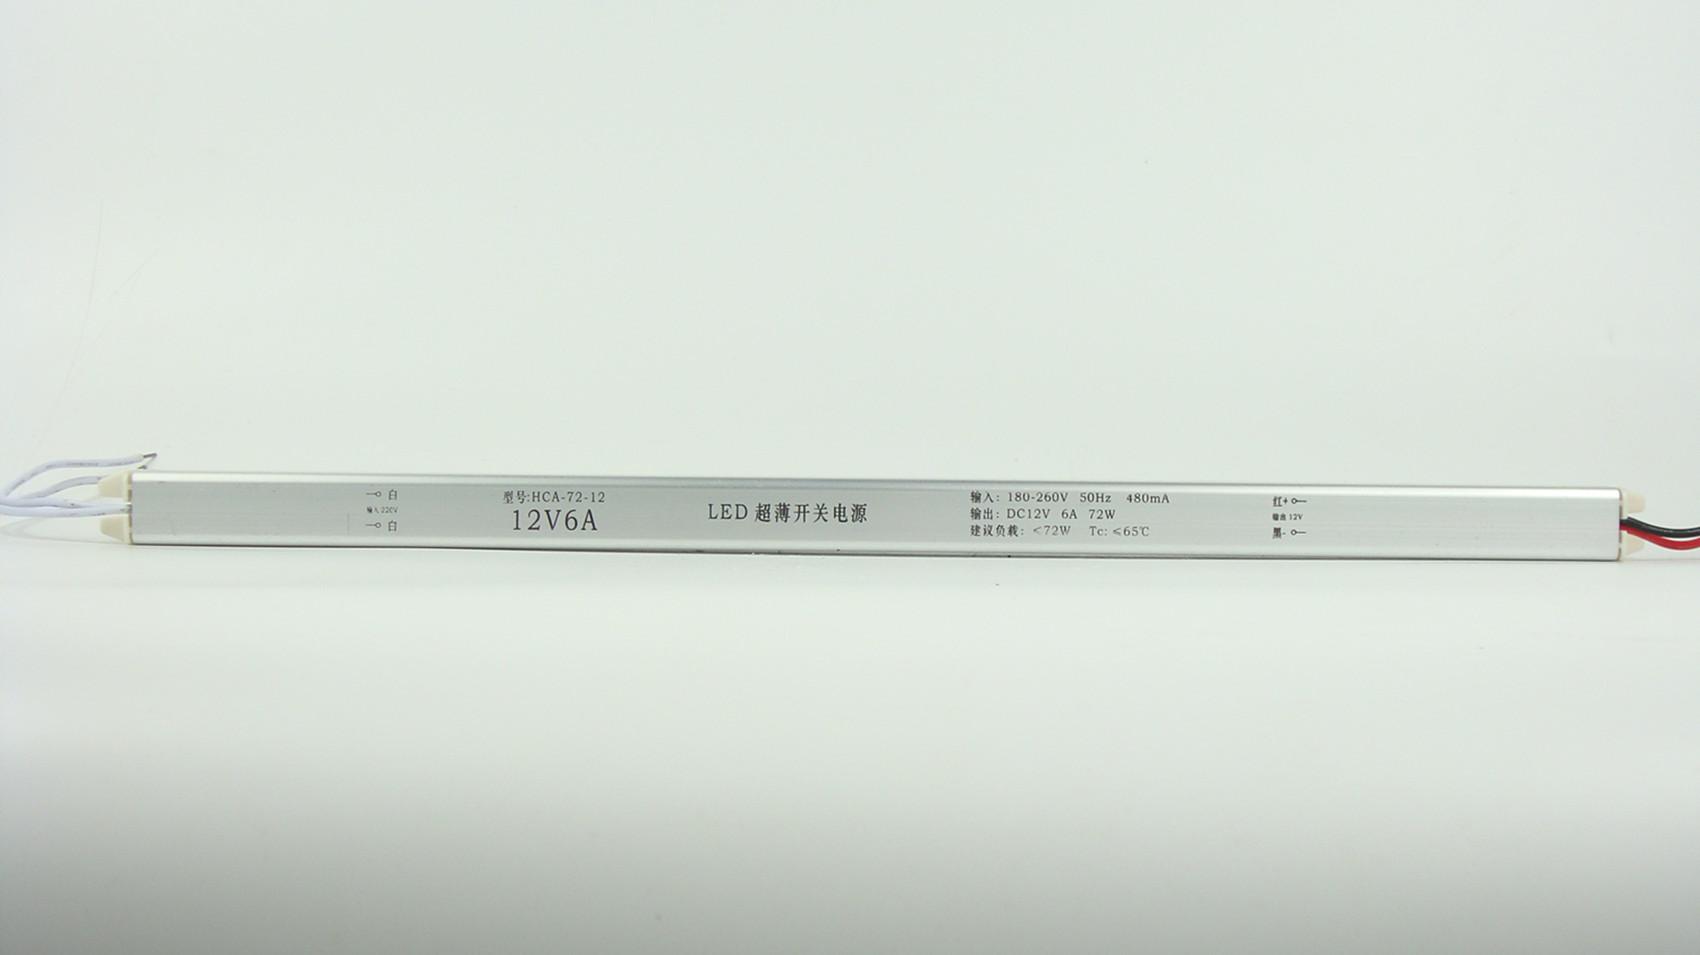 石排LED超薄灯箱电源细长条_可信赖的LED超薄灯箱电源品牌推荐